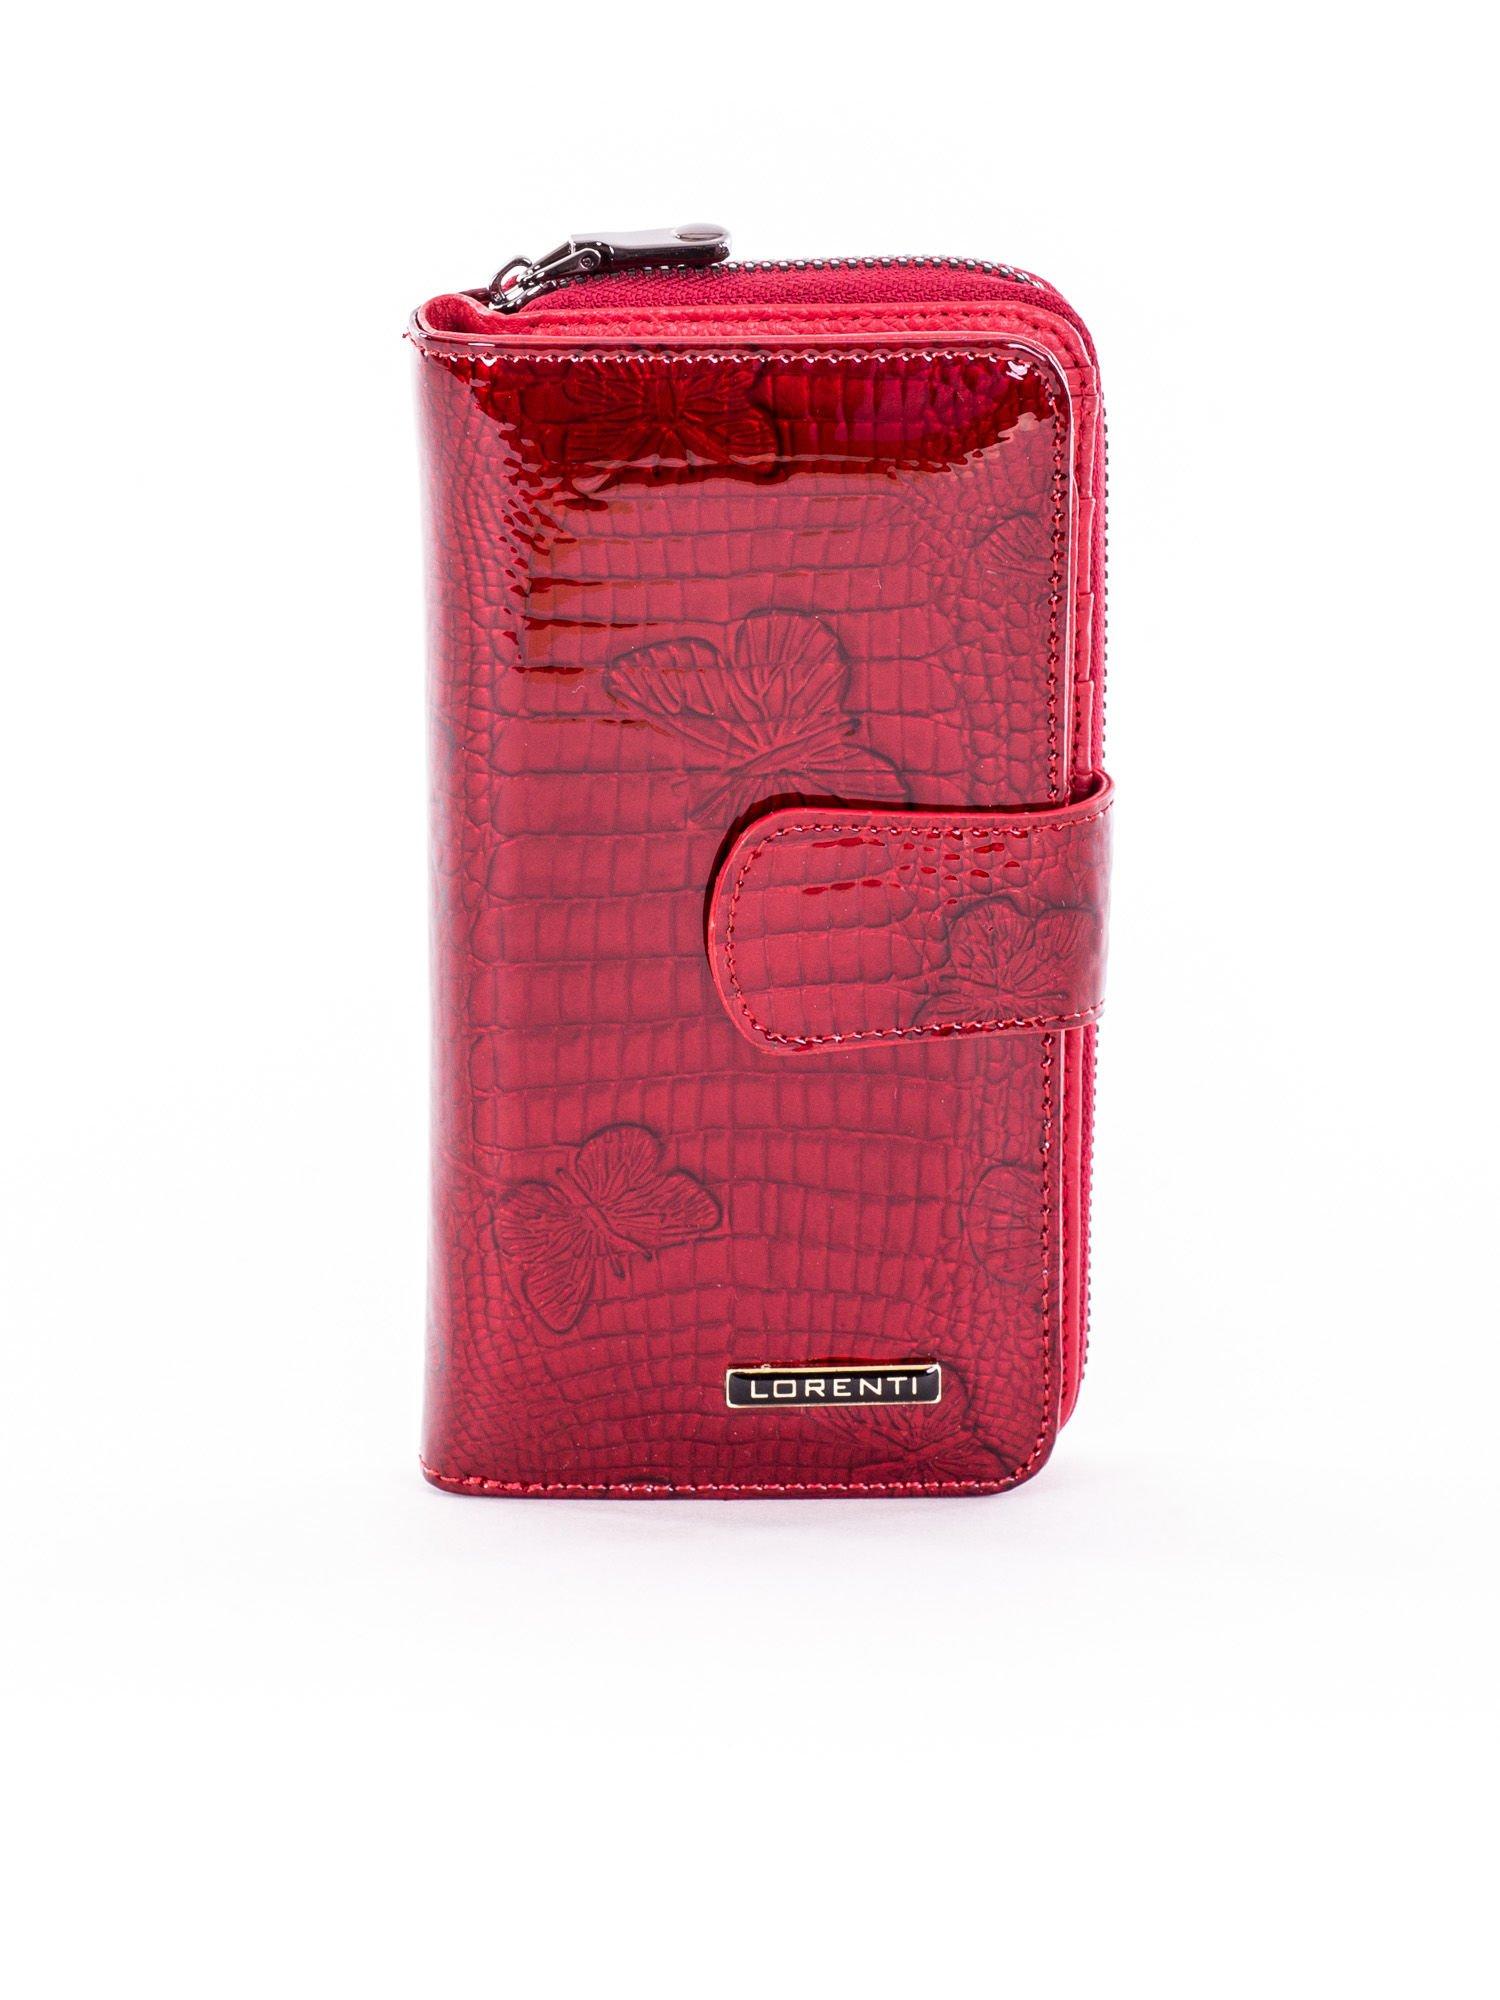 9f6f5ddec4fa8 Portfel damski czerwony lakierowany z motywem motyli - Akcesoria portfele -  sklep eButik.pl